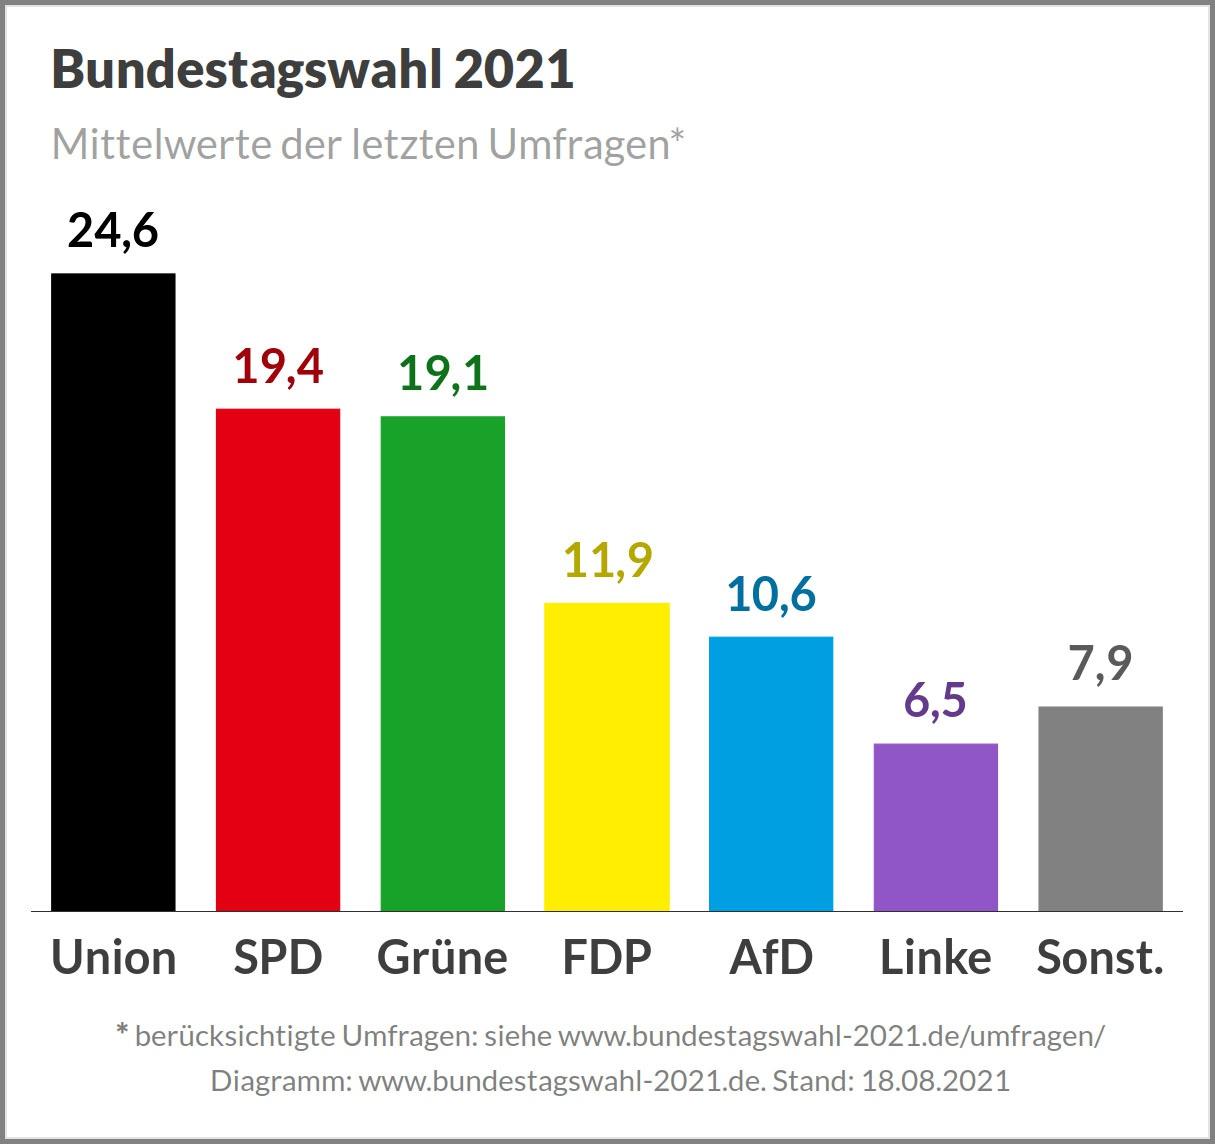 Результаты последних опросов о раскладе сил на предстоящих выборах.